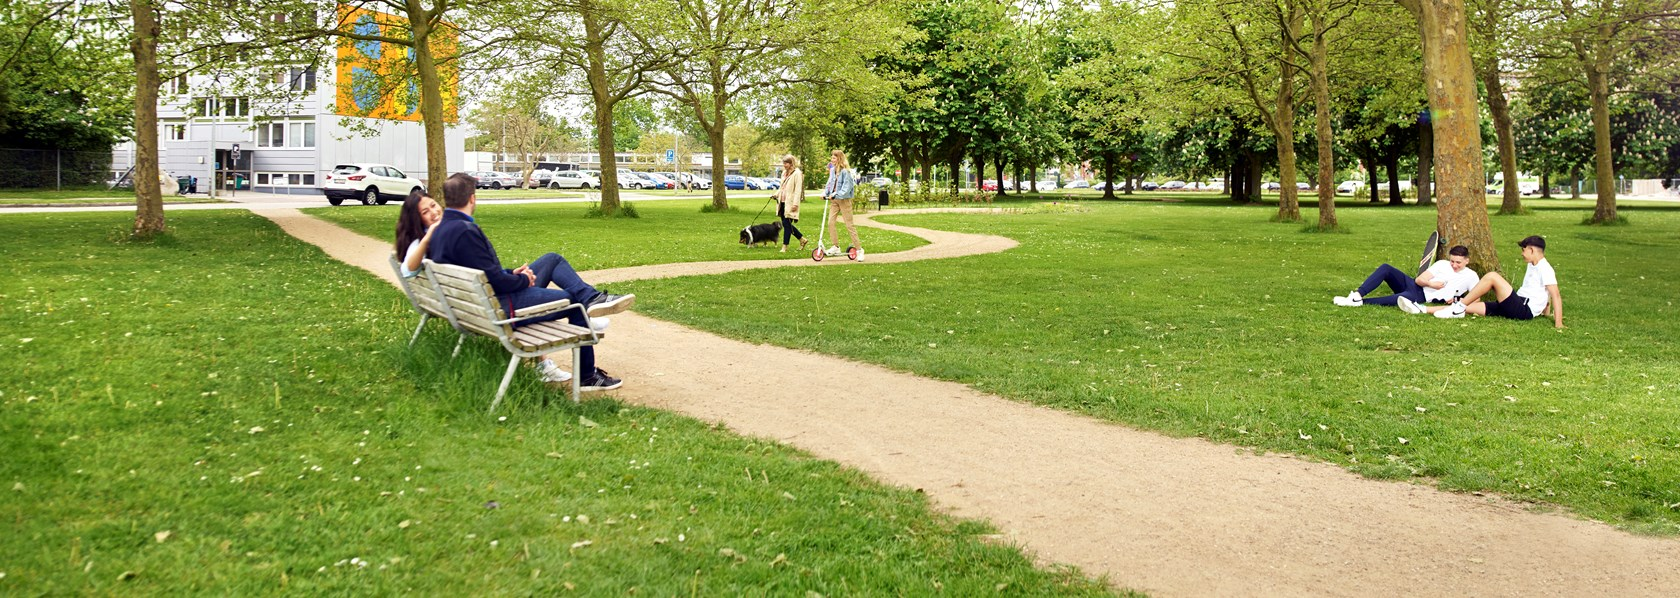 Parken på Nygårds Plads